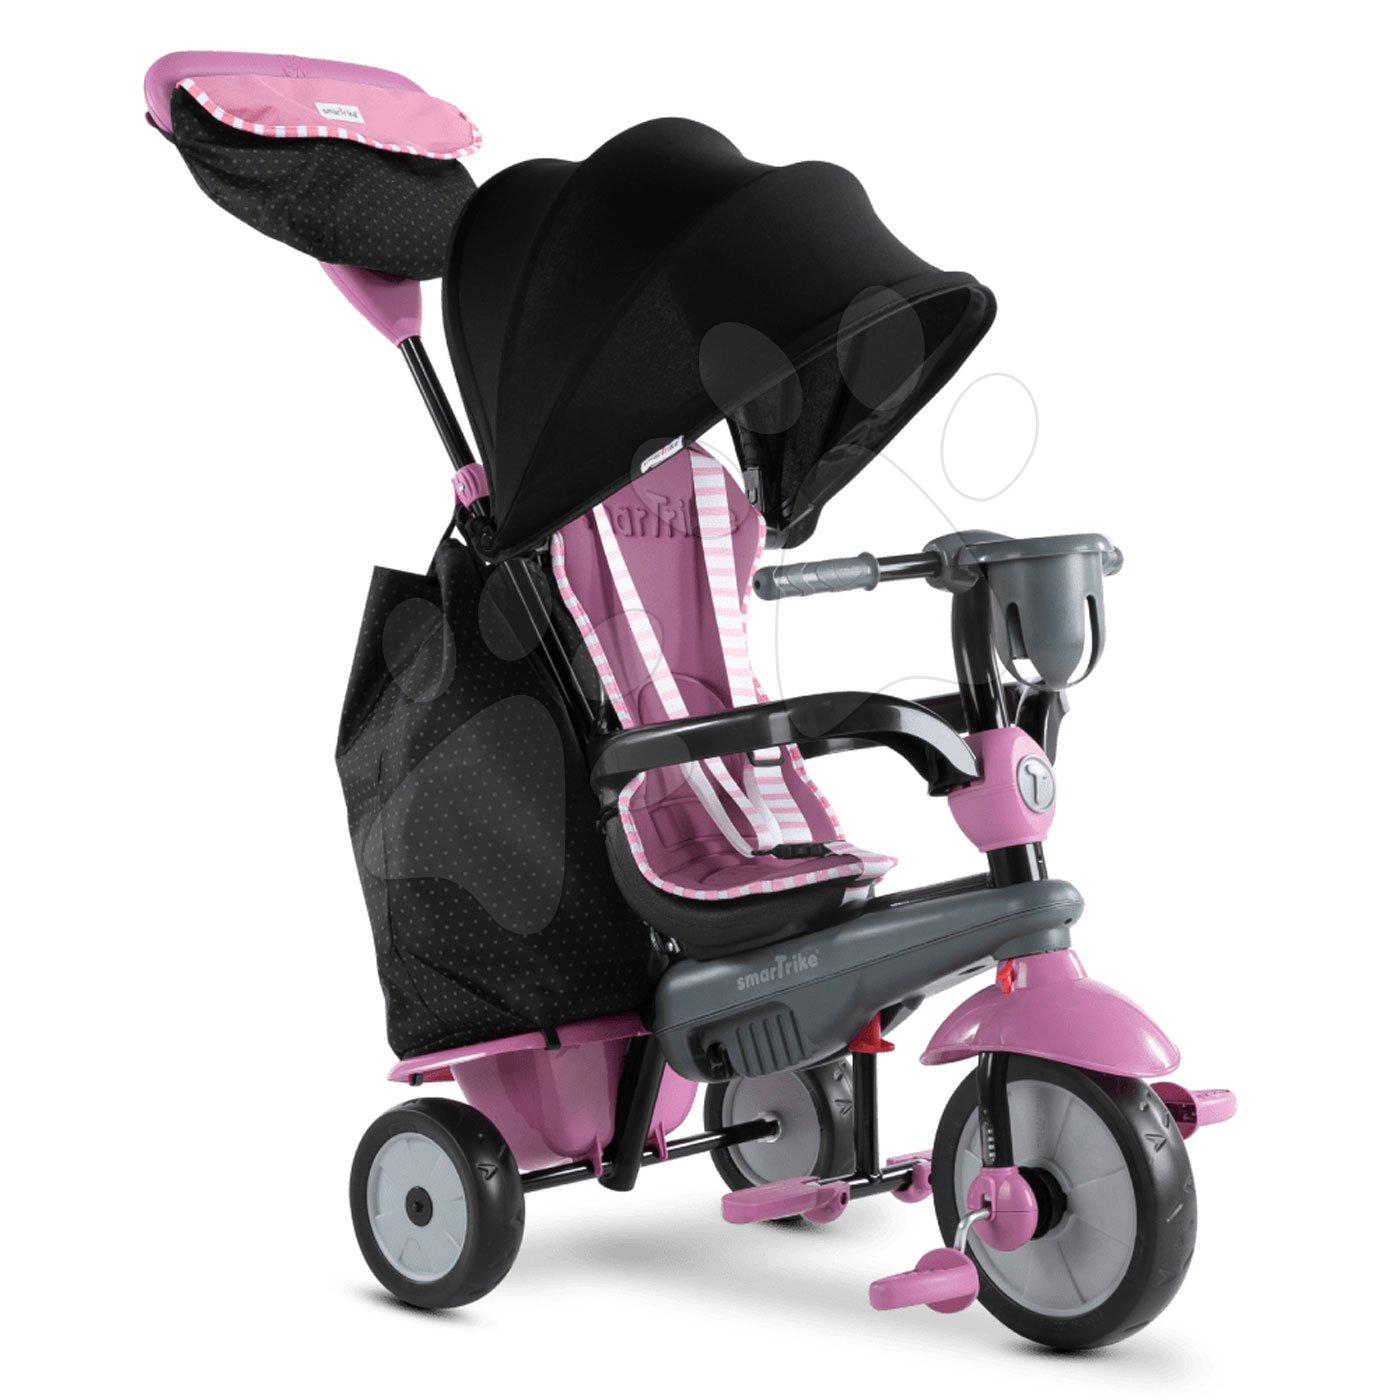 Tricikli od 10. meseca - Tricikel Swirl DLX 4v1 Grey&Pink TouchSteering smarTrike z blažilcem tresljajev in prostim tekom + UV filter sivo-rožnati od 10 mes